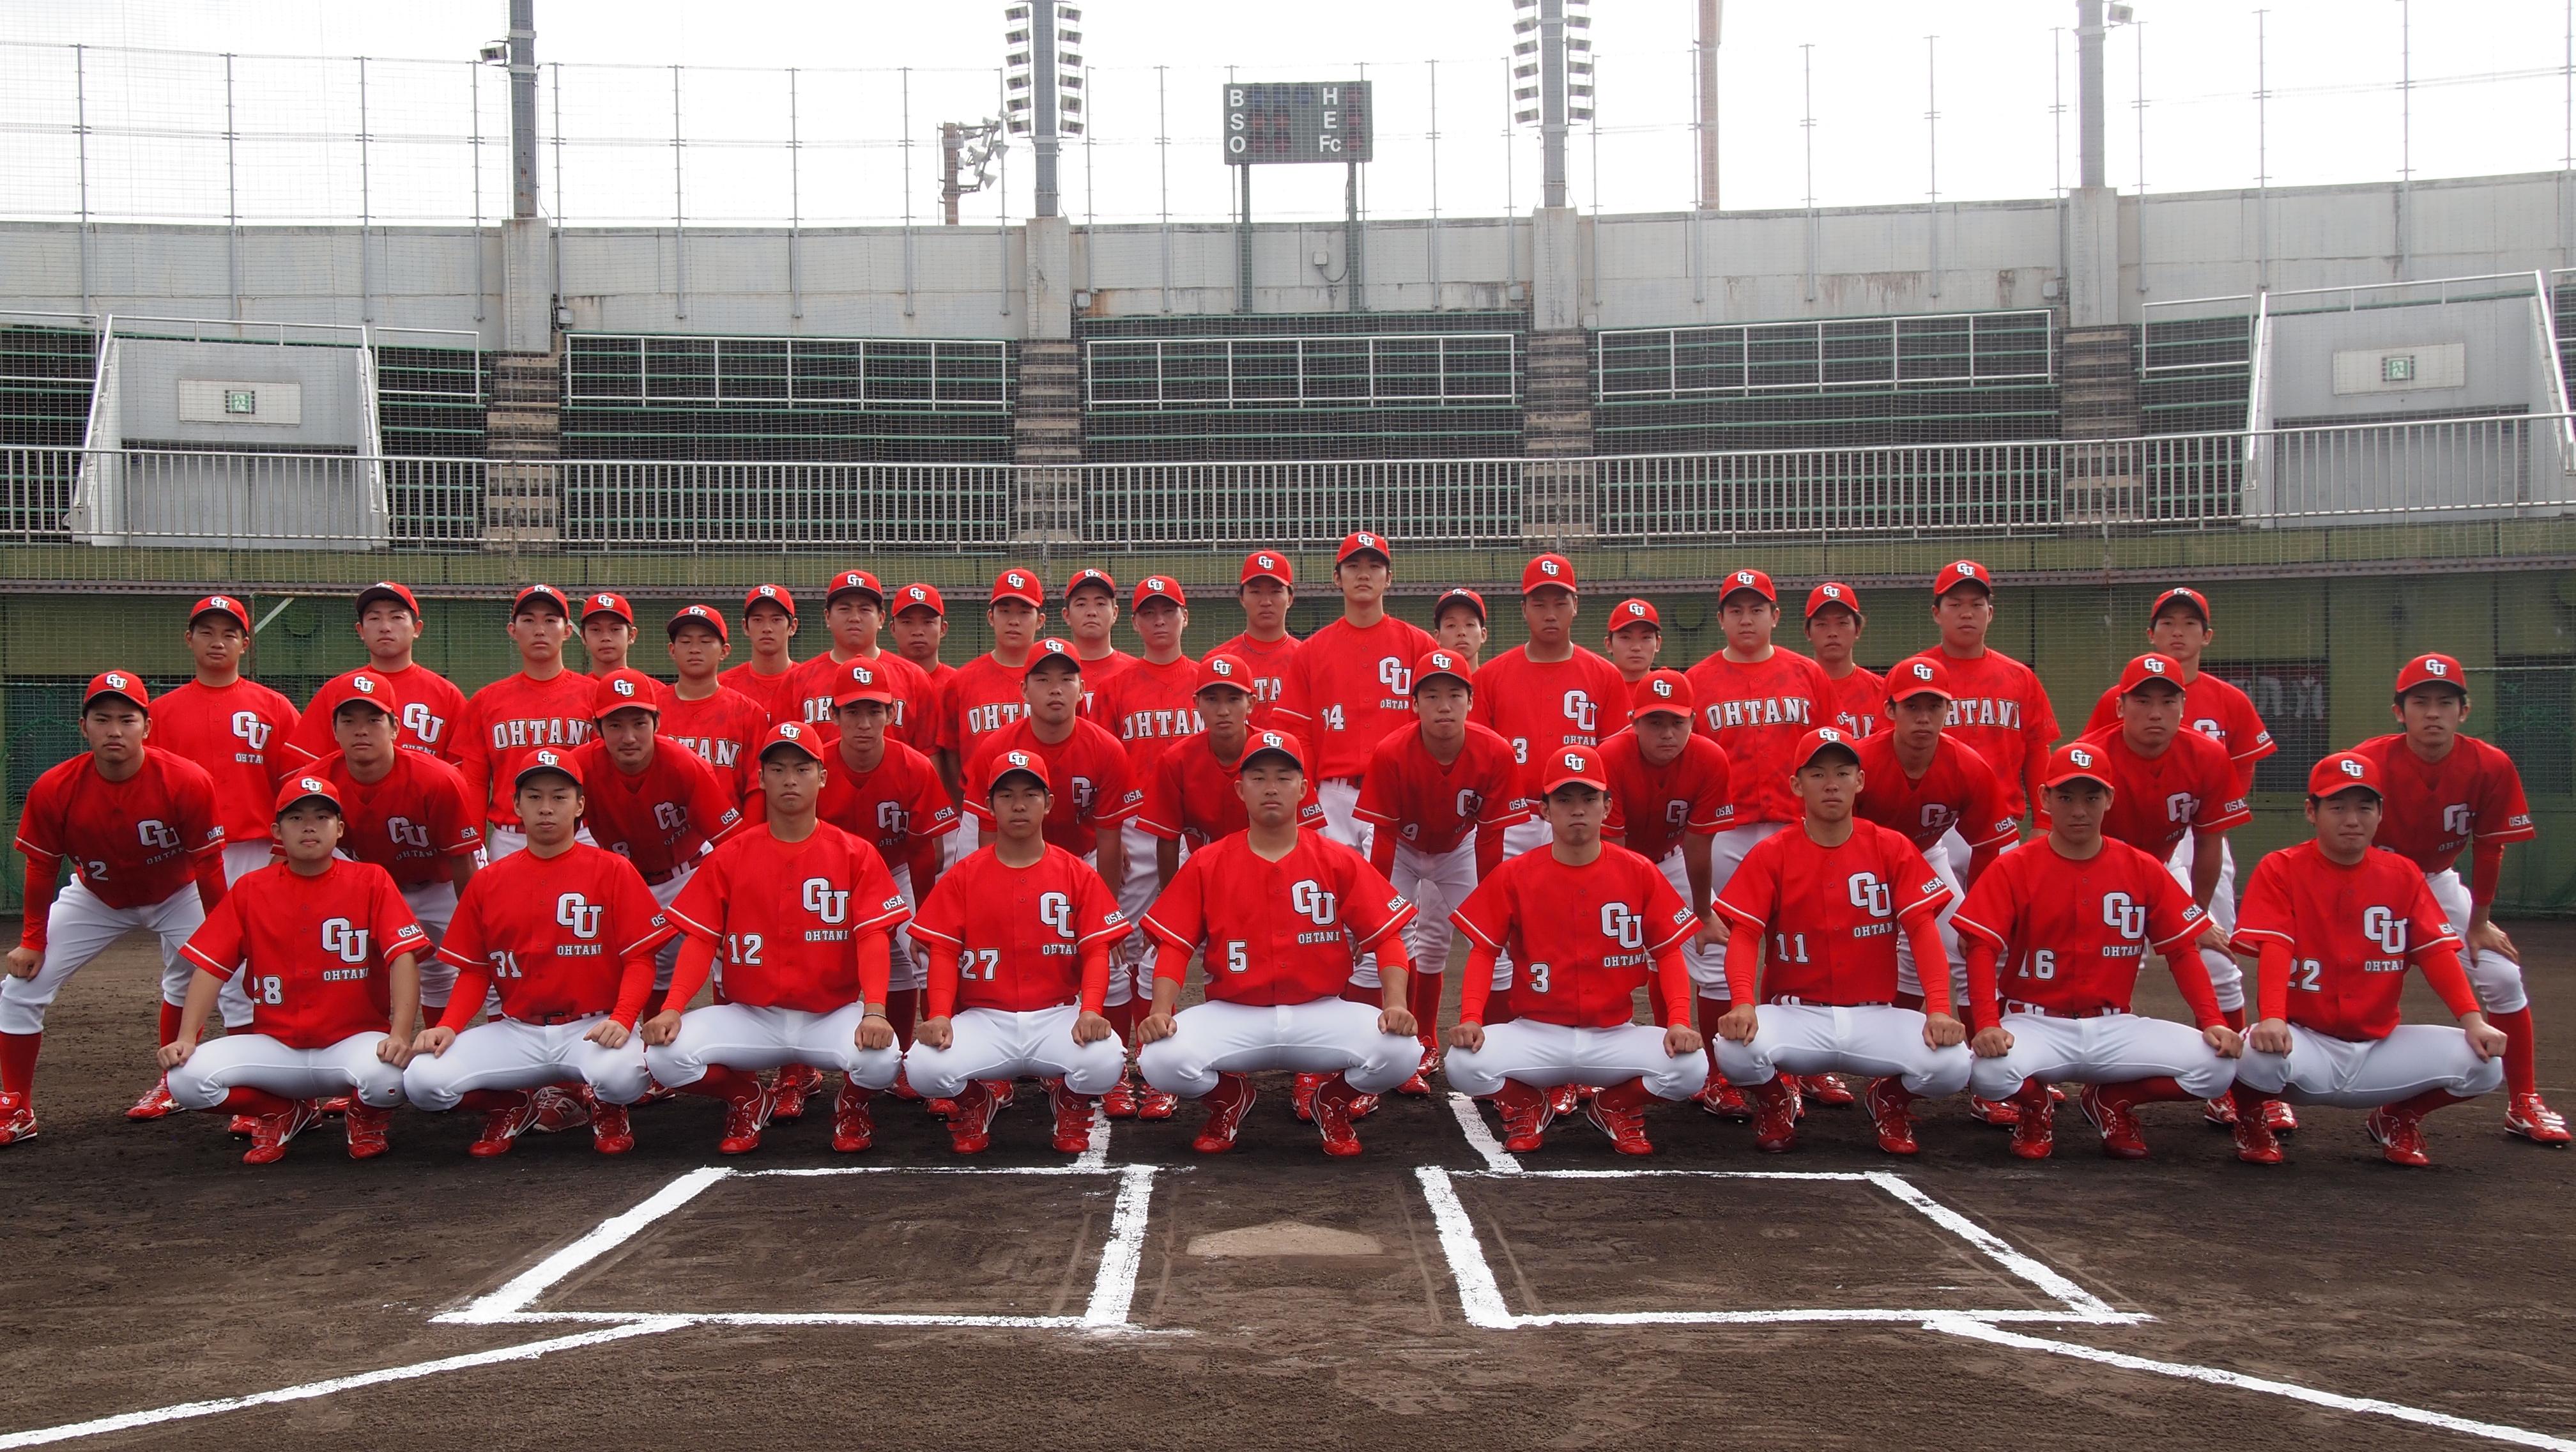 大学 野球 大谷 部 大阪 野球部 クラブ活動 学生生活 大阪物療大学